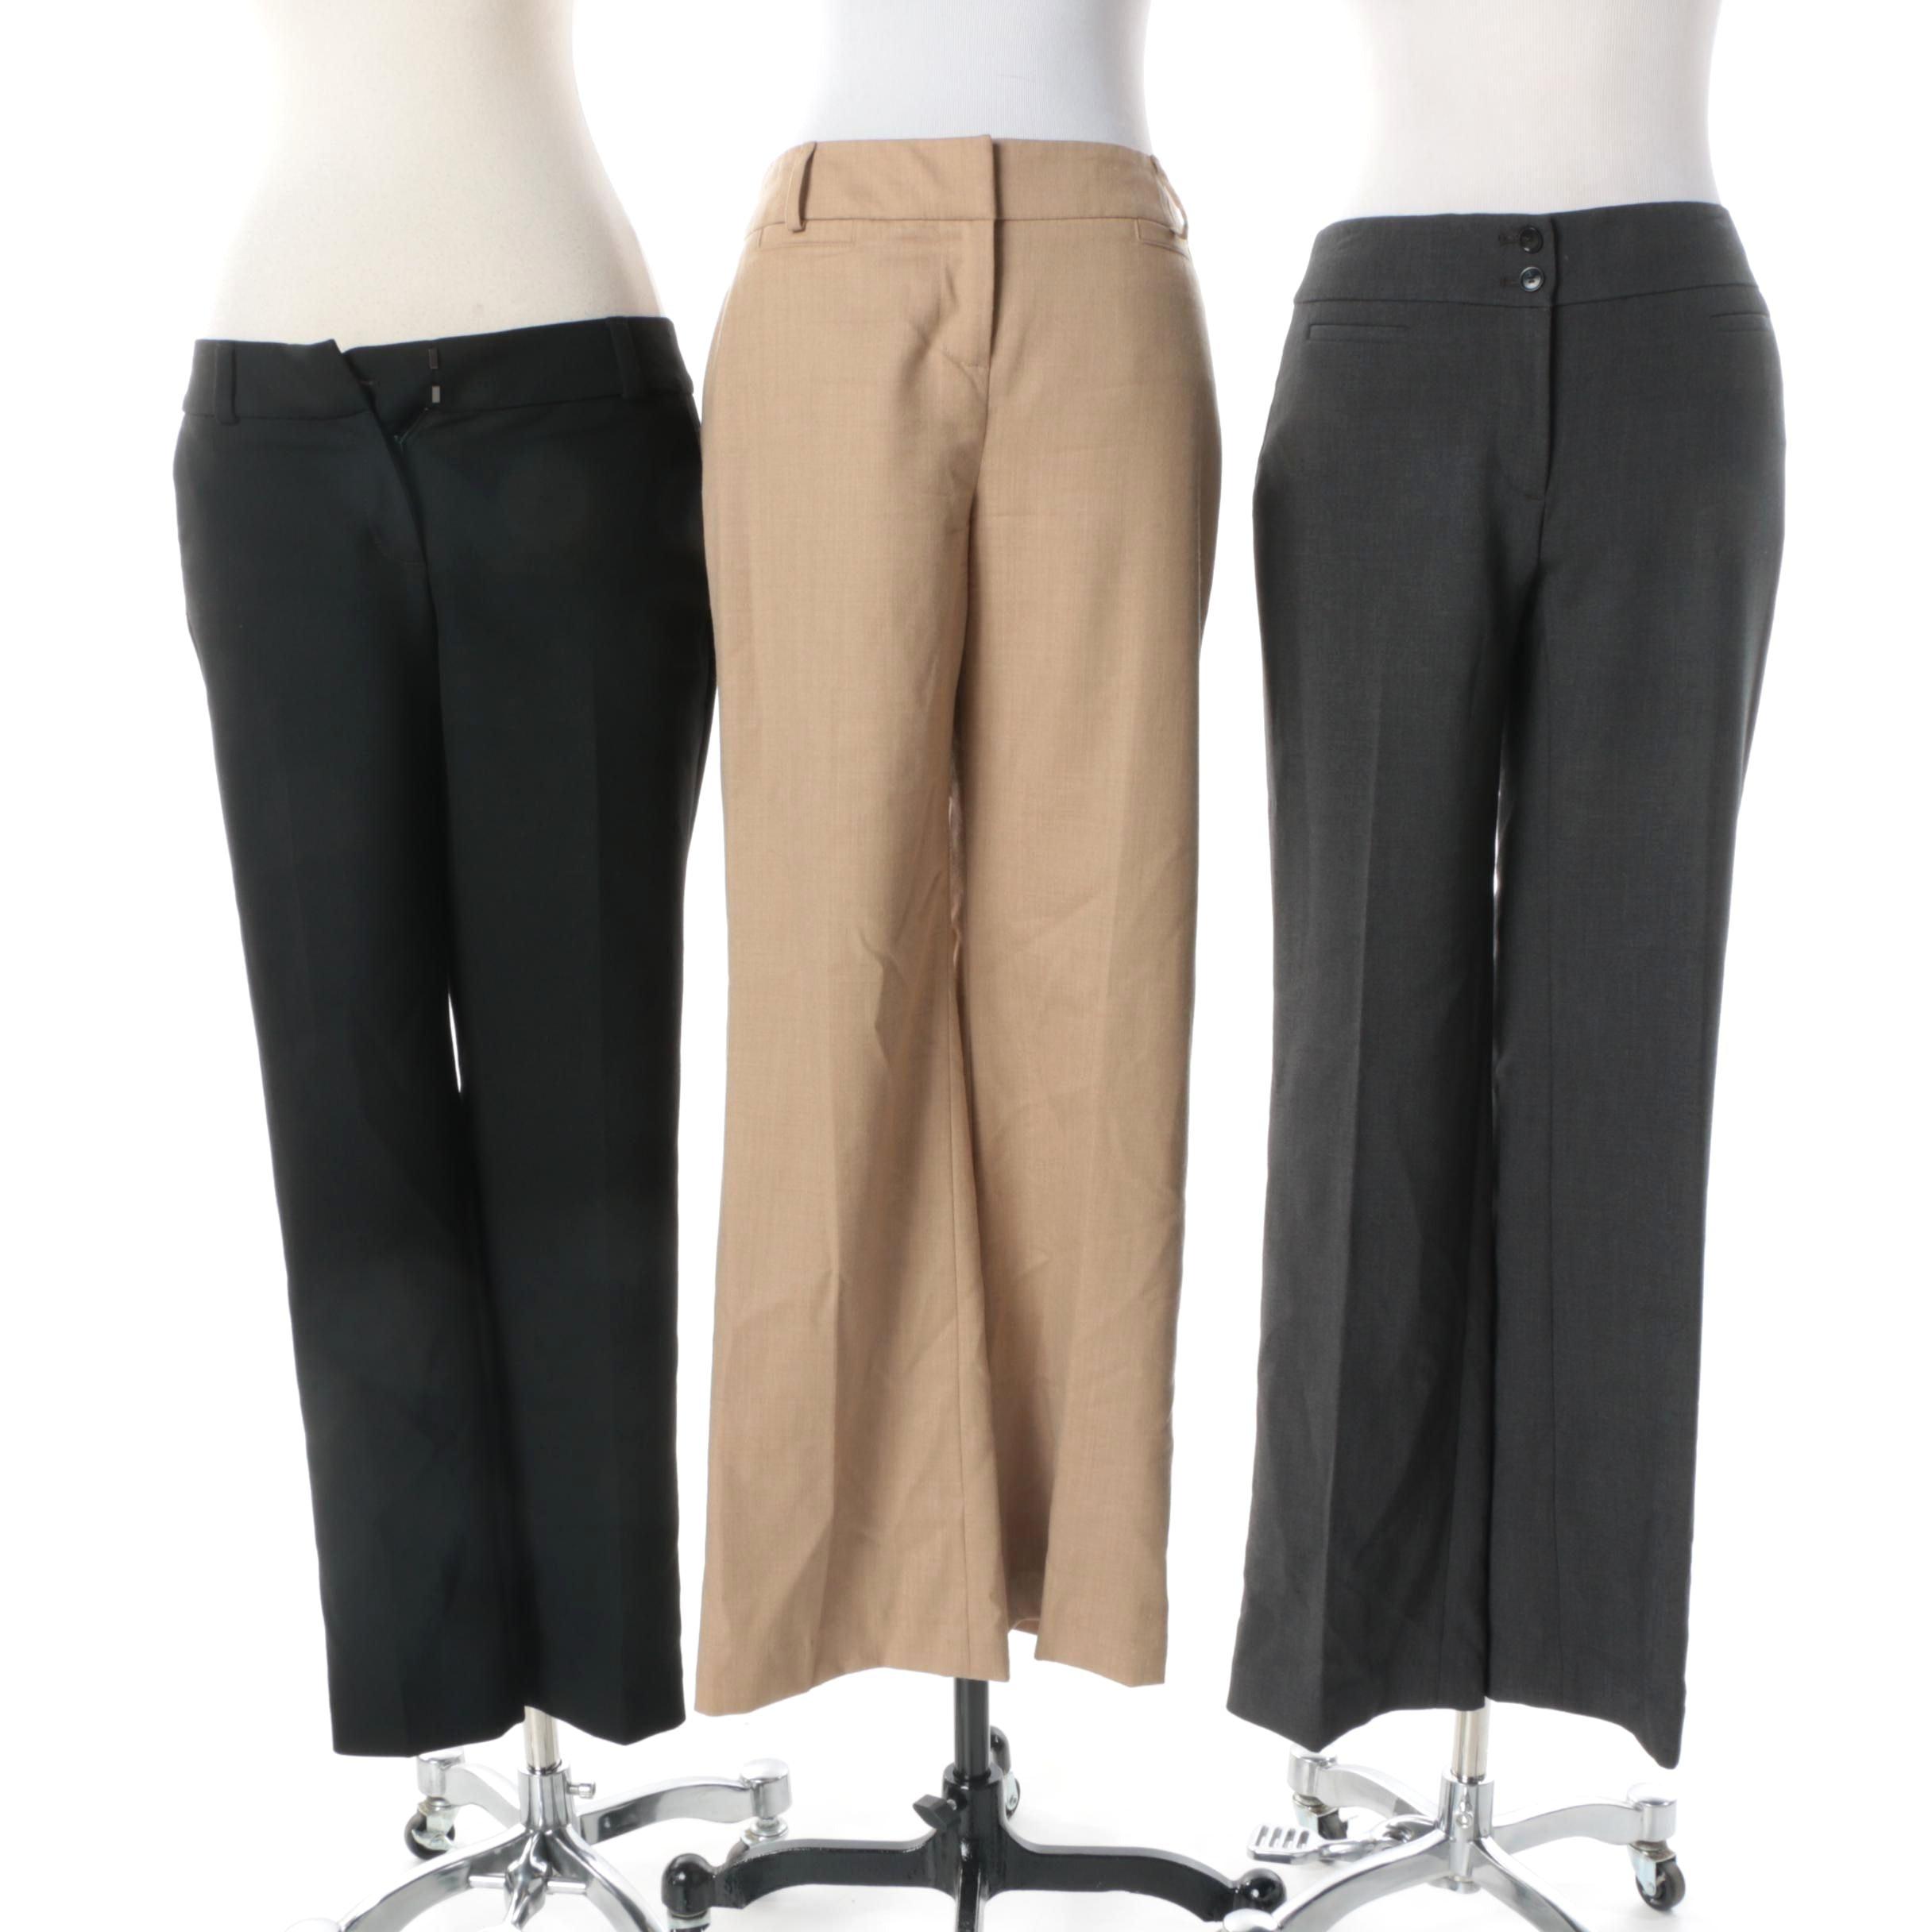 Women's Ann Taylor Loft Trousers